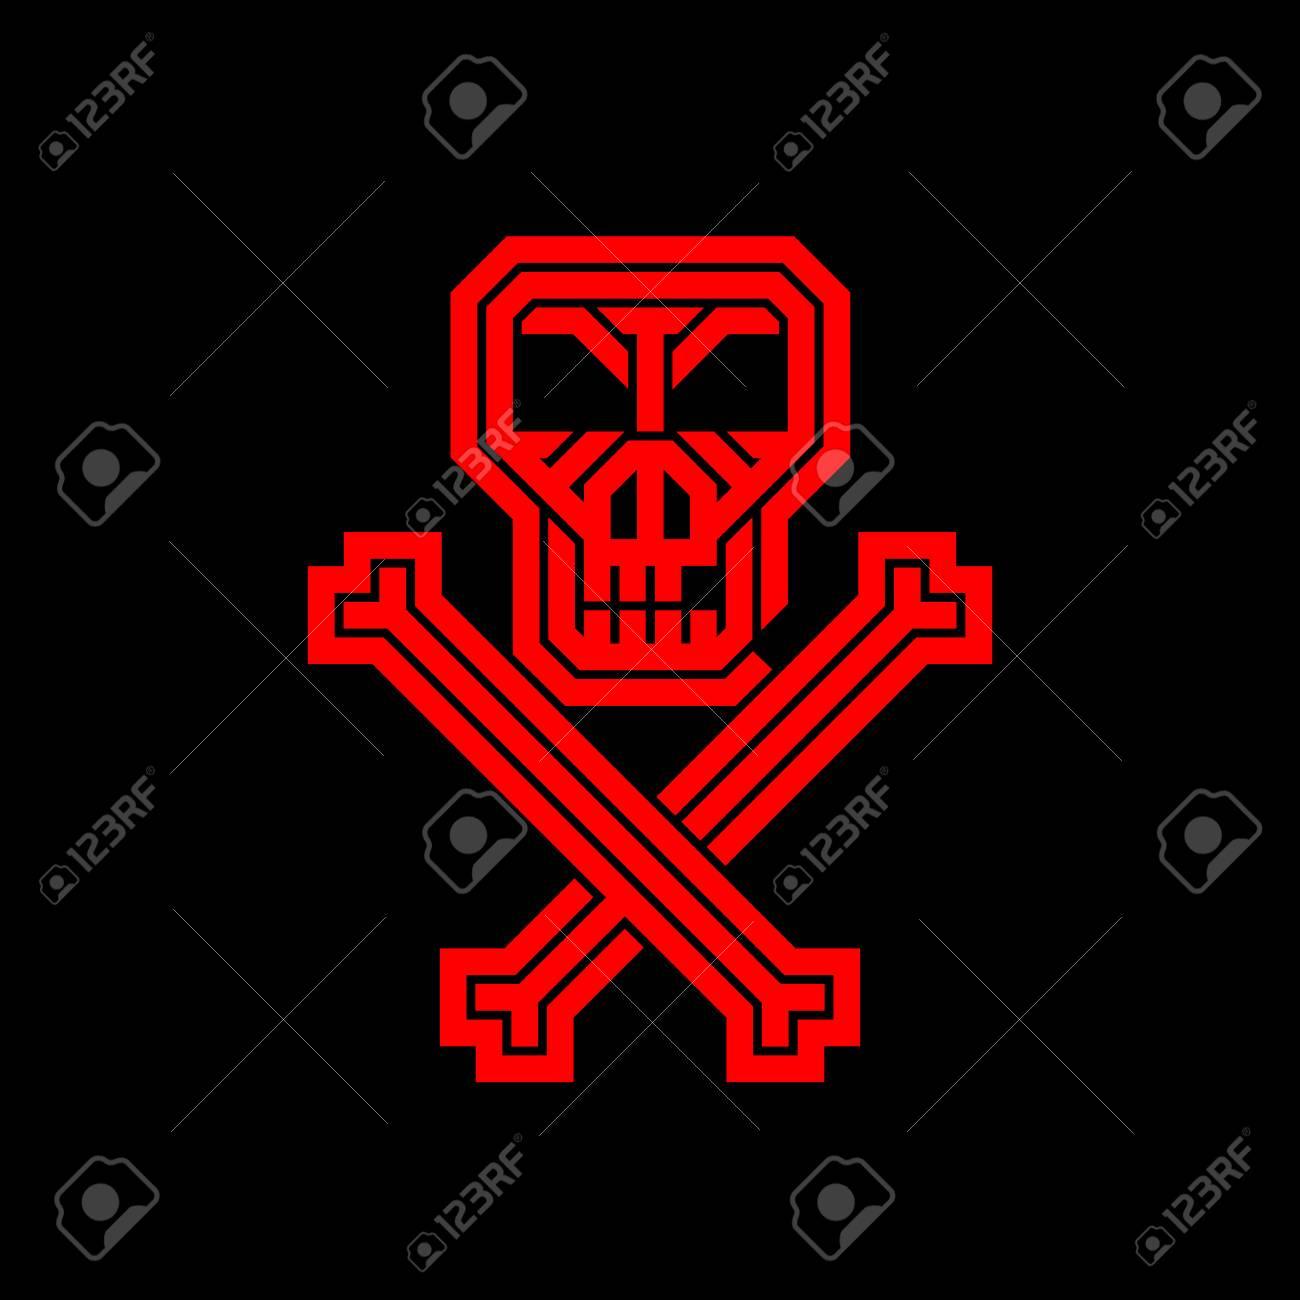 Immagini Di Teschio Pirati teschio e ossa di pirati. logo creativo astratto per l'identità aziendale  dell'azienda. un poster, un volantino per la festa di halloween, una festa